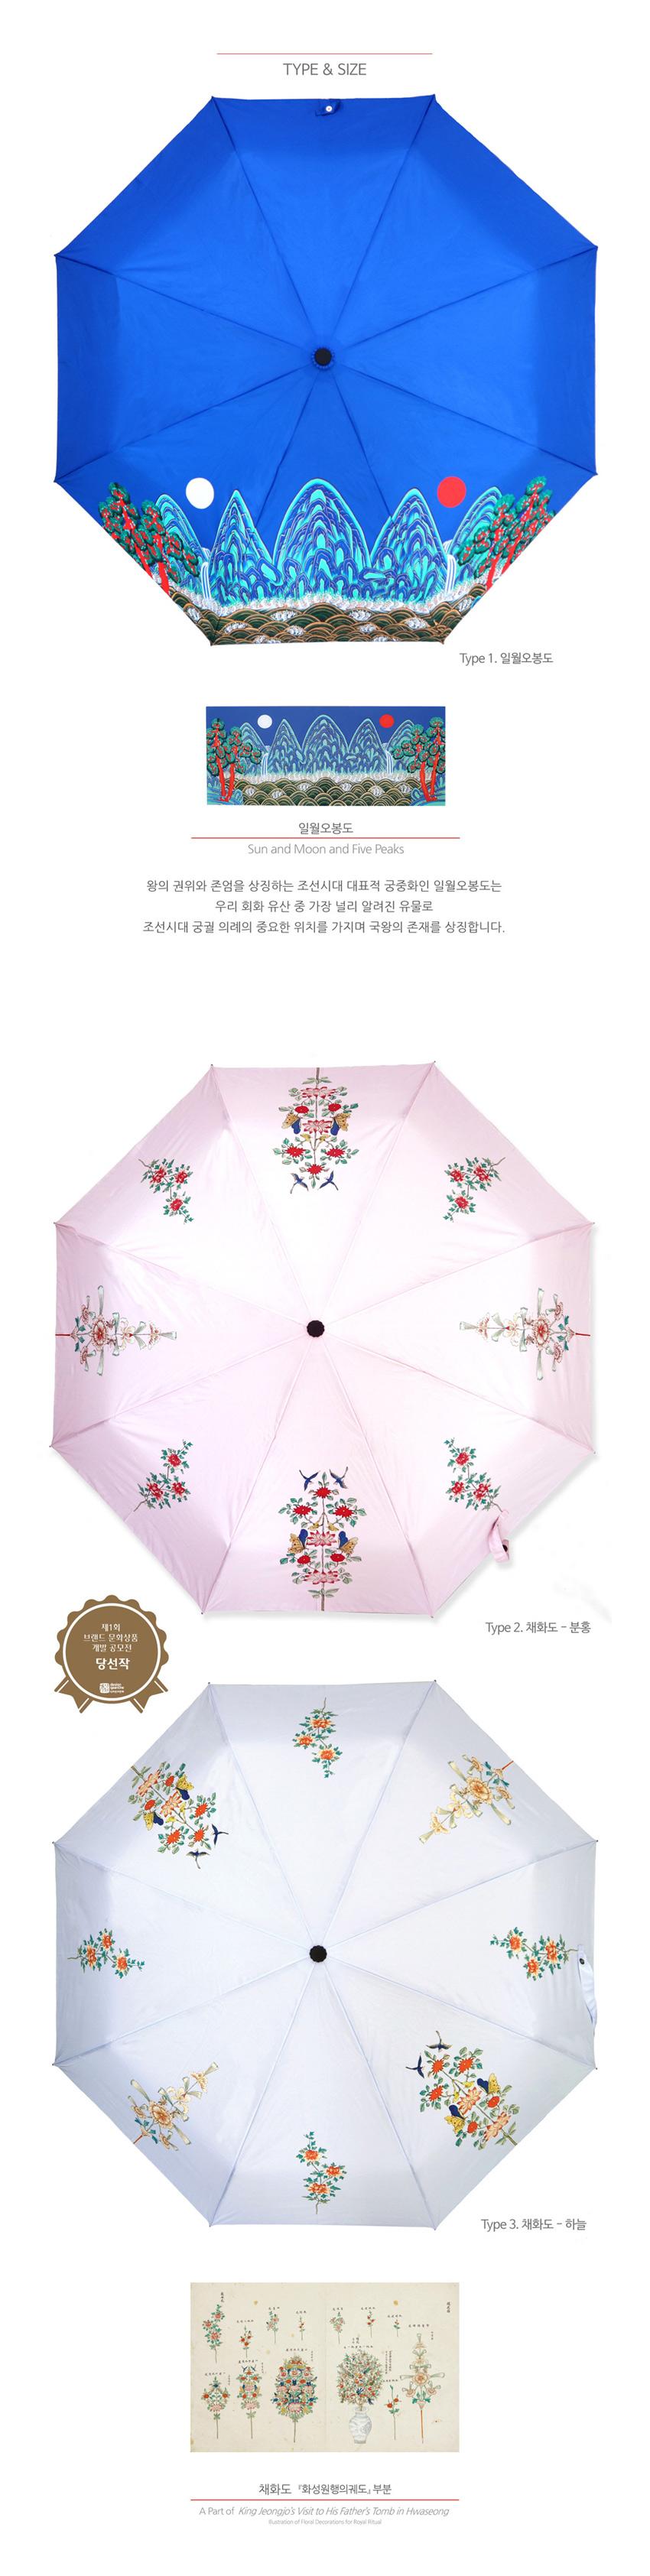 상세이미지-우산2.jpg